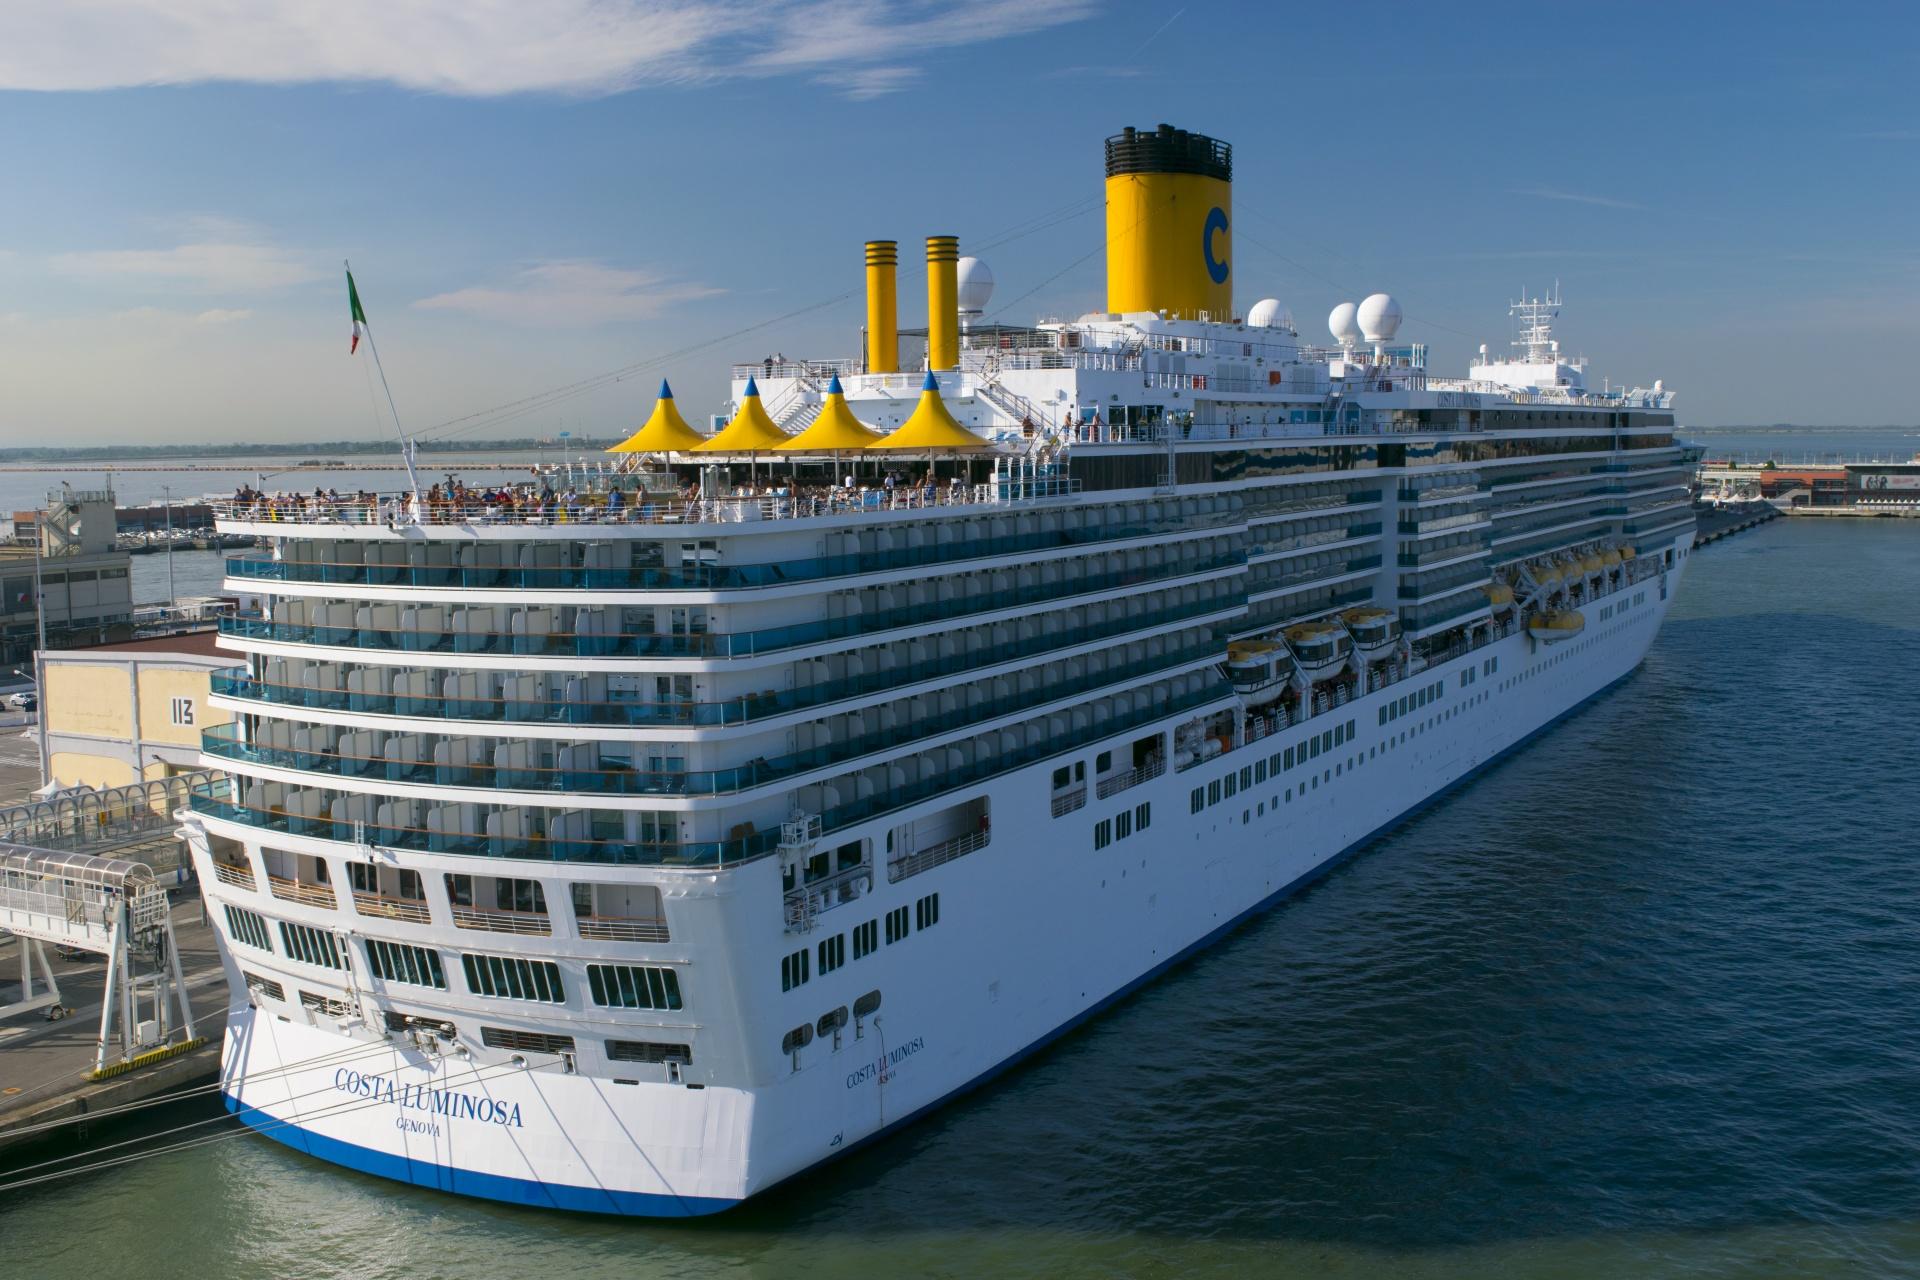 cruiseship-1530066161mTq